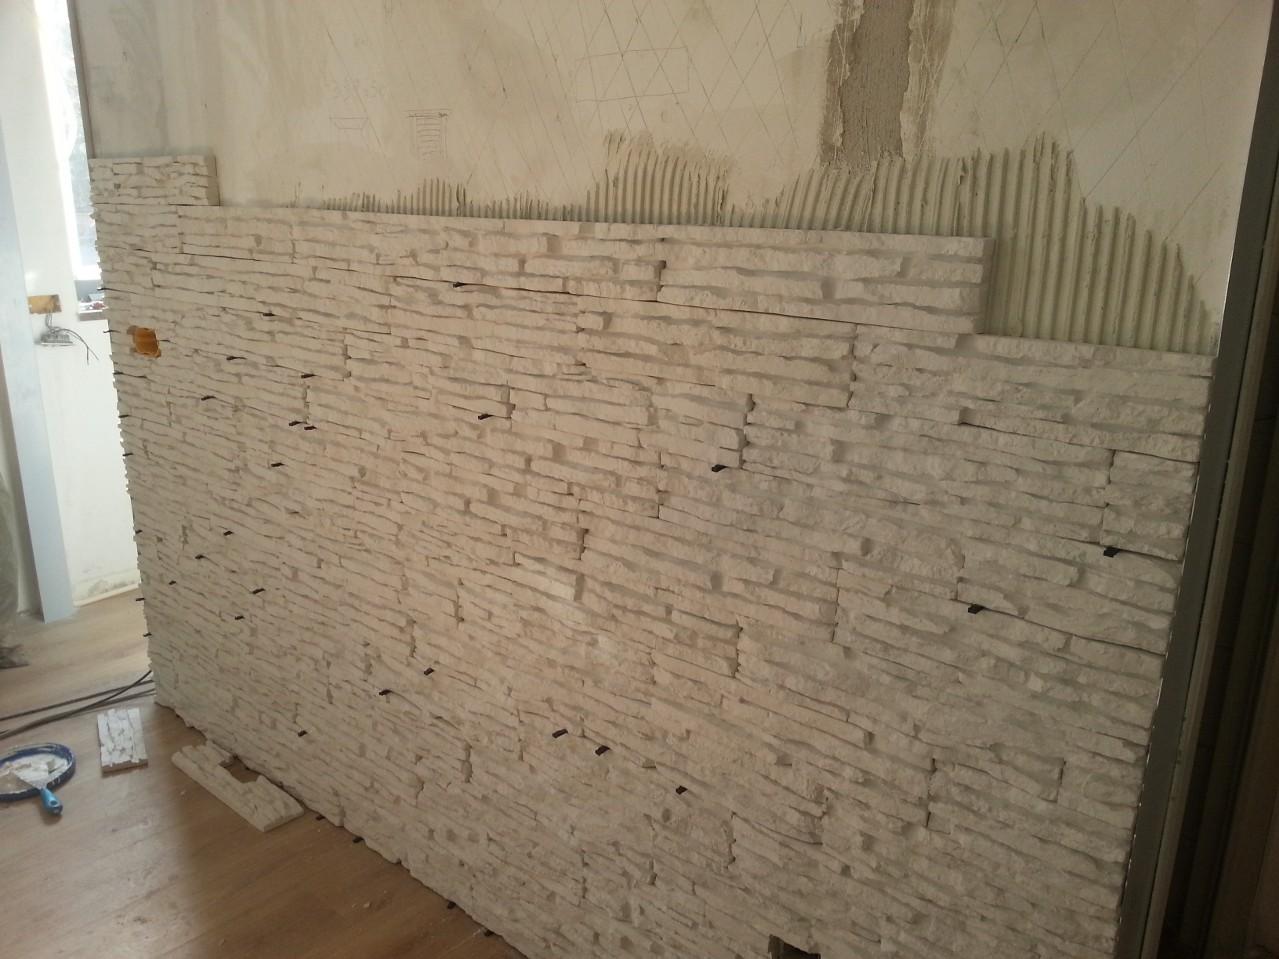 Petra at work, pareti in un ufficio – rinnovare con la pietra